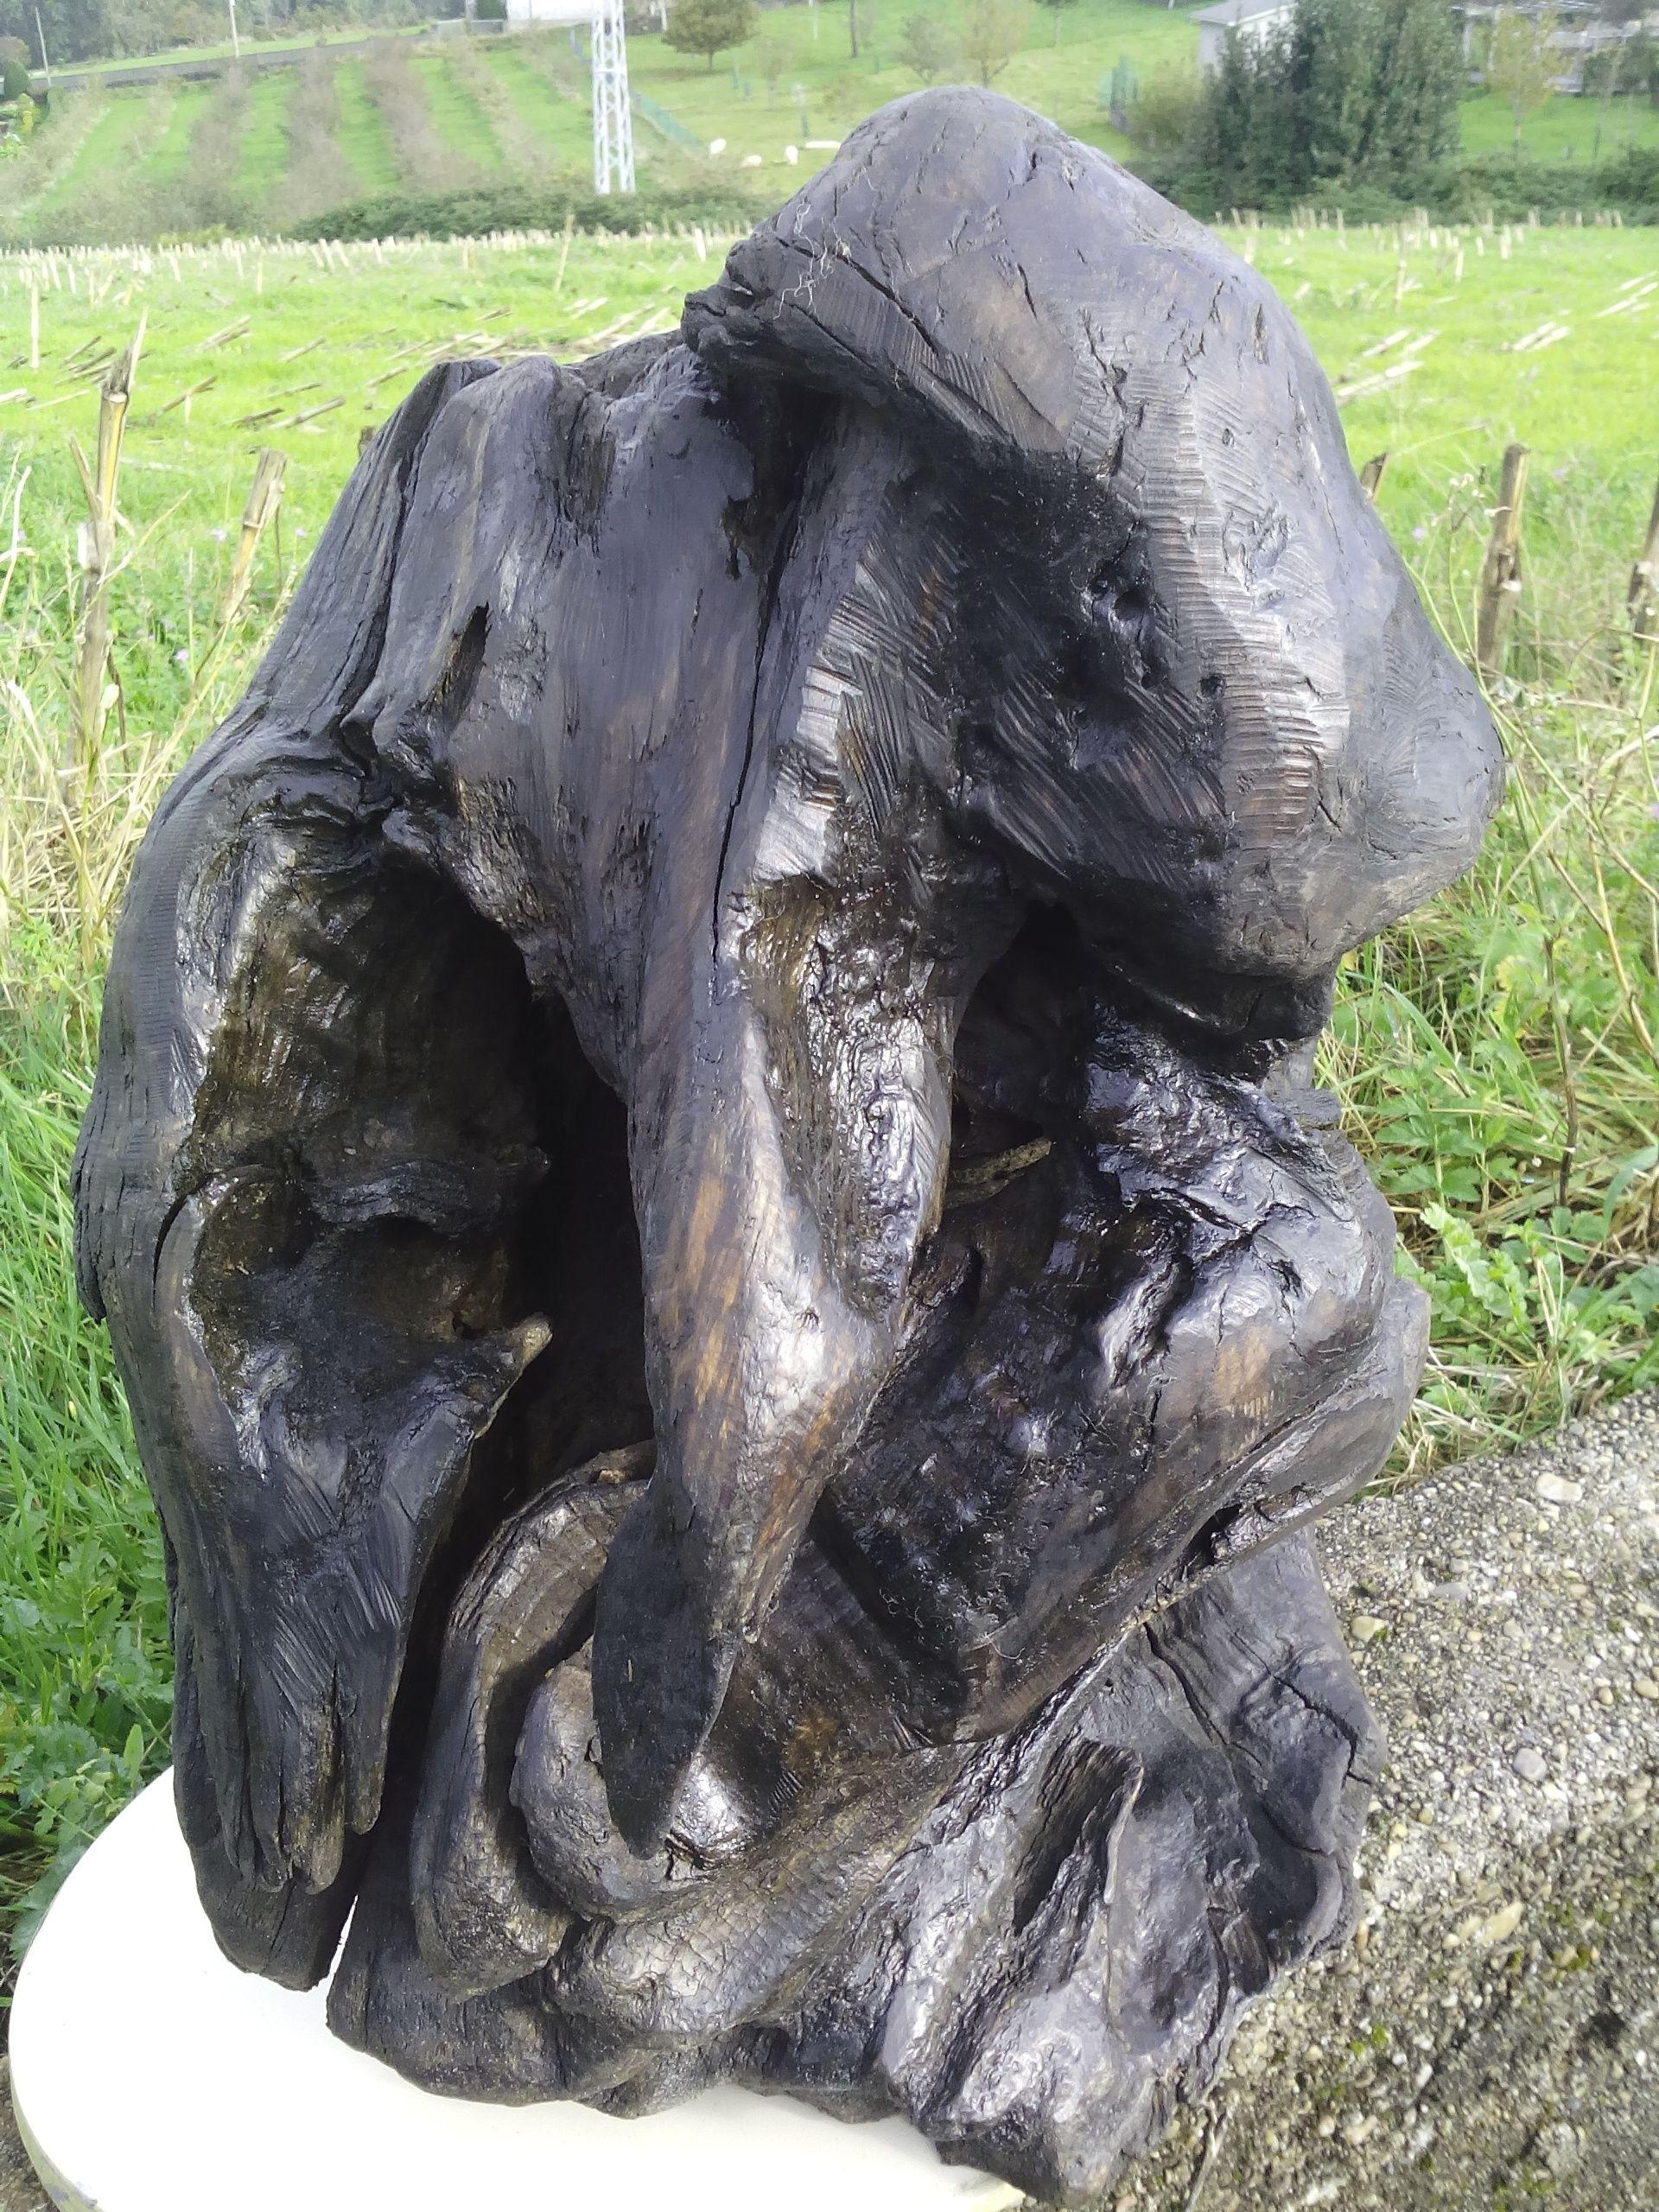 madera de roble (raíz) pinguino